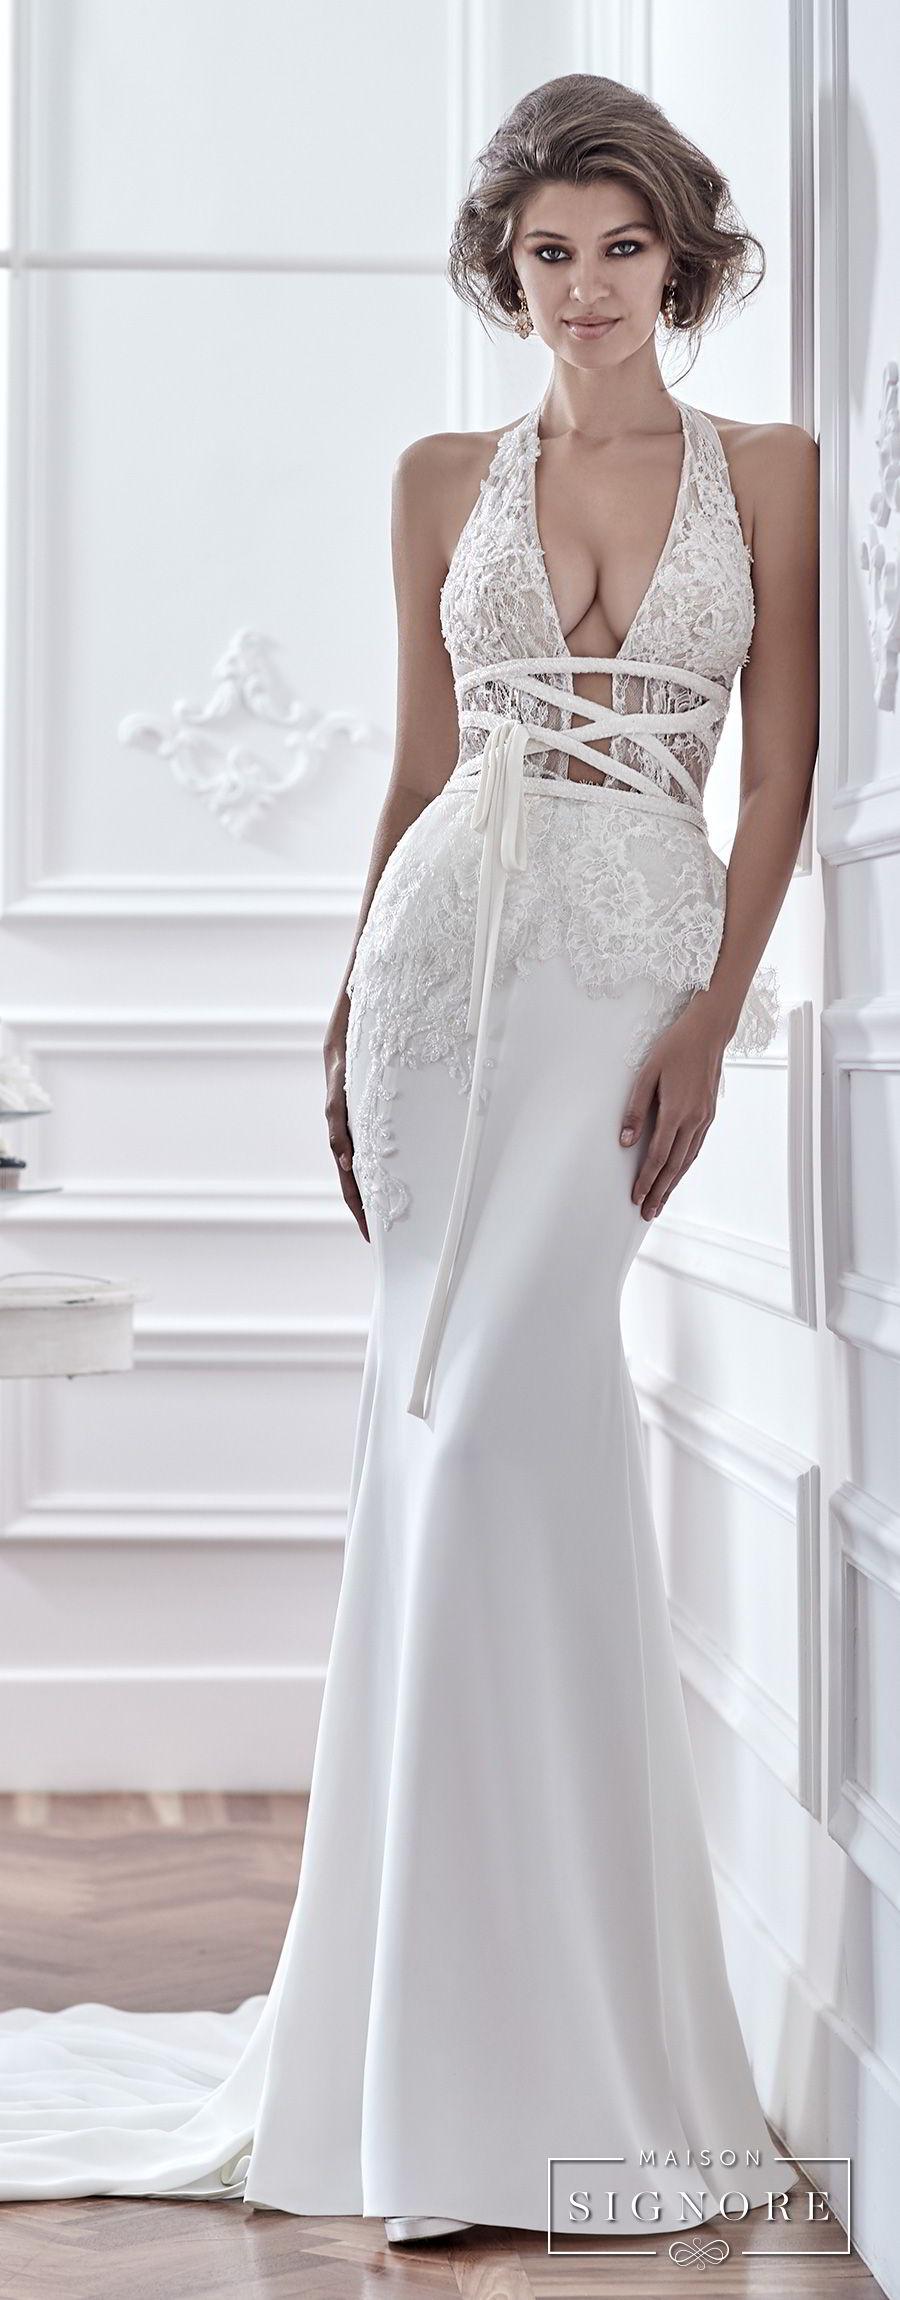 maison signore 2017 bridal sleeveless halter neck deep plunging v neck heavily embellished bodice elegant sexy fit and flare sheath wedding dress medium train (dafne) mv